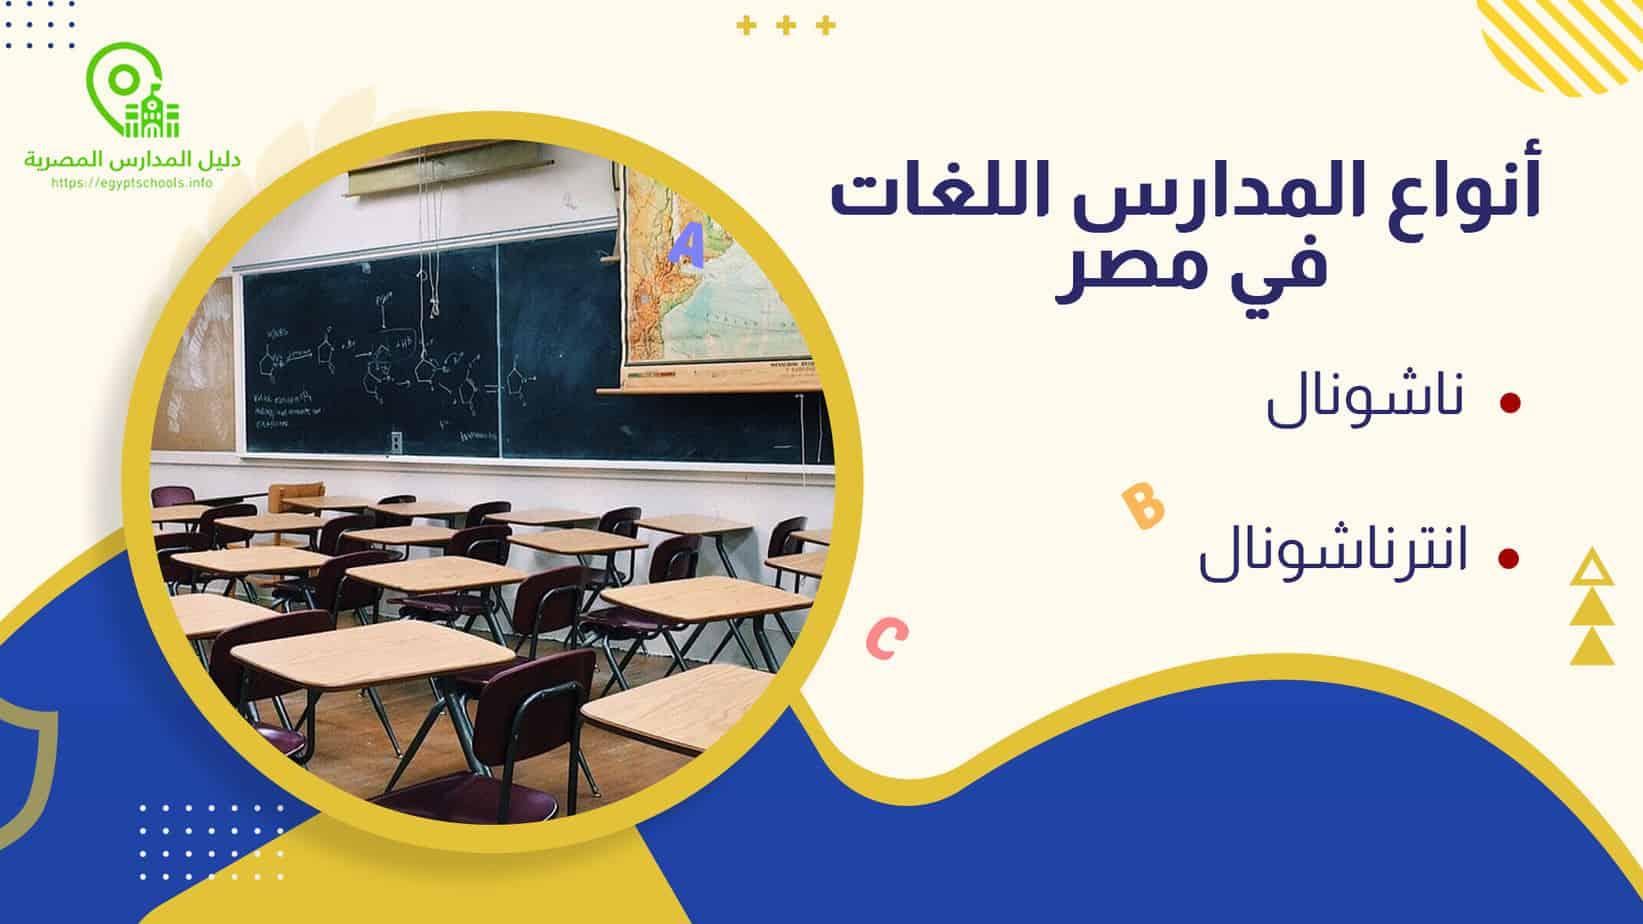 أنواع المدارس اللغات في مصر